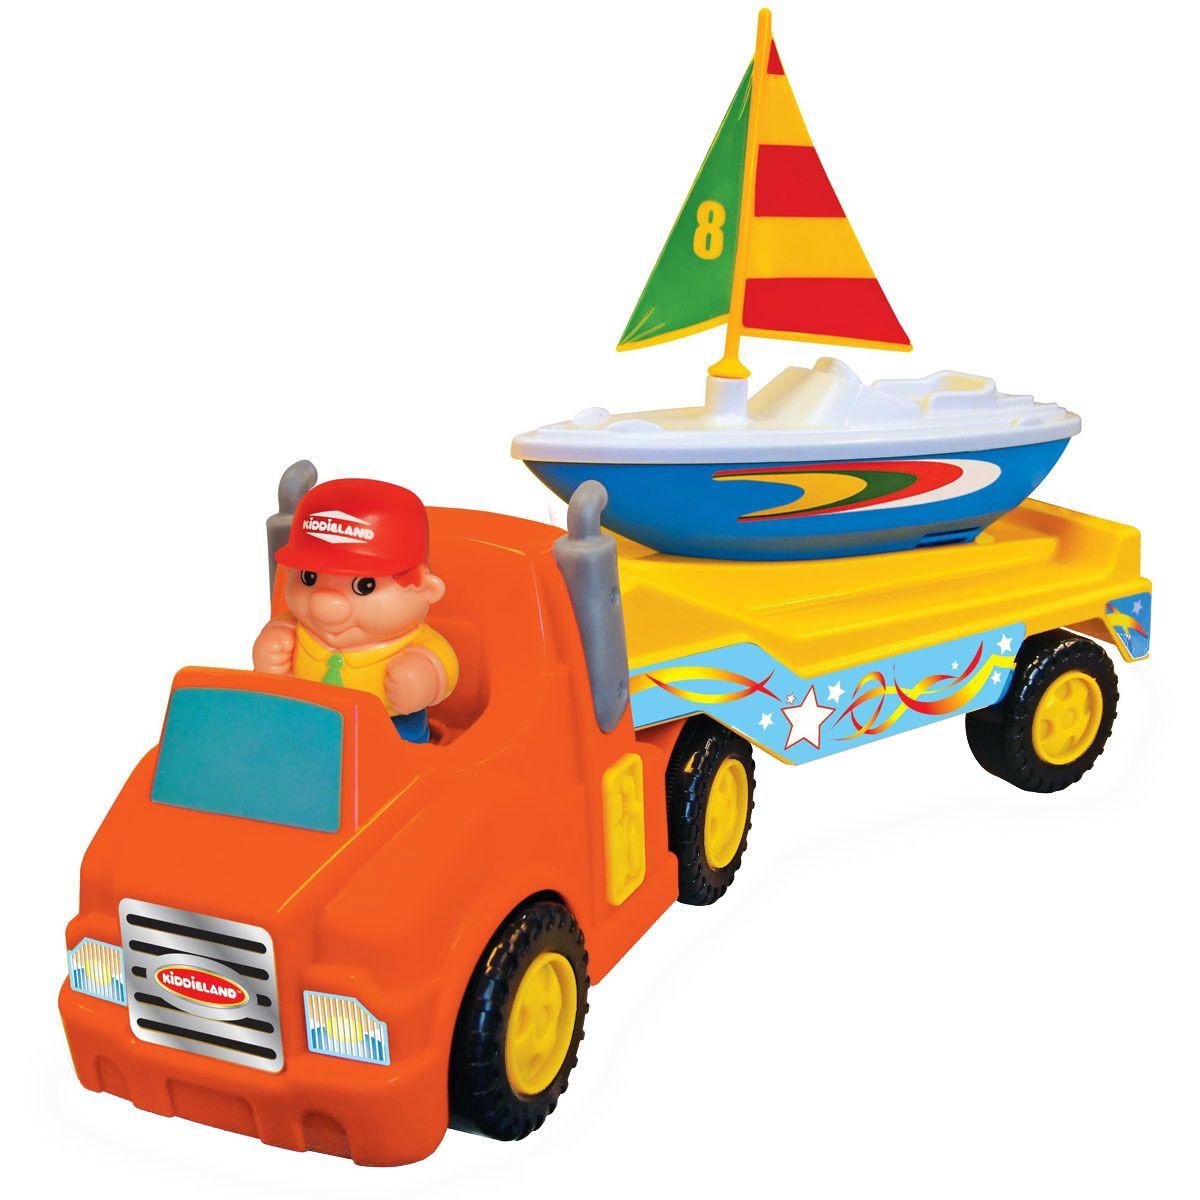 Развивающая игрушка Трейлер с яхтойРазвивающие игрушки KIDDIELAND<br>Развивающая игрушка Трейлер с яхтой<br>